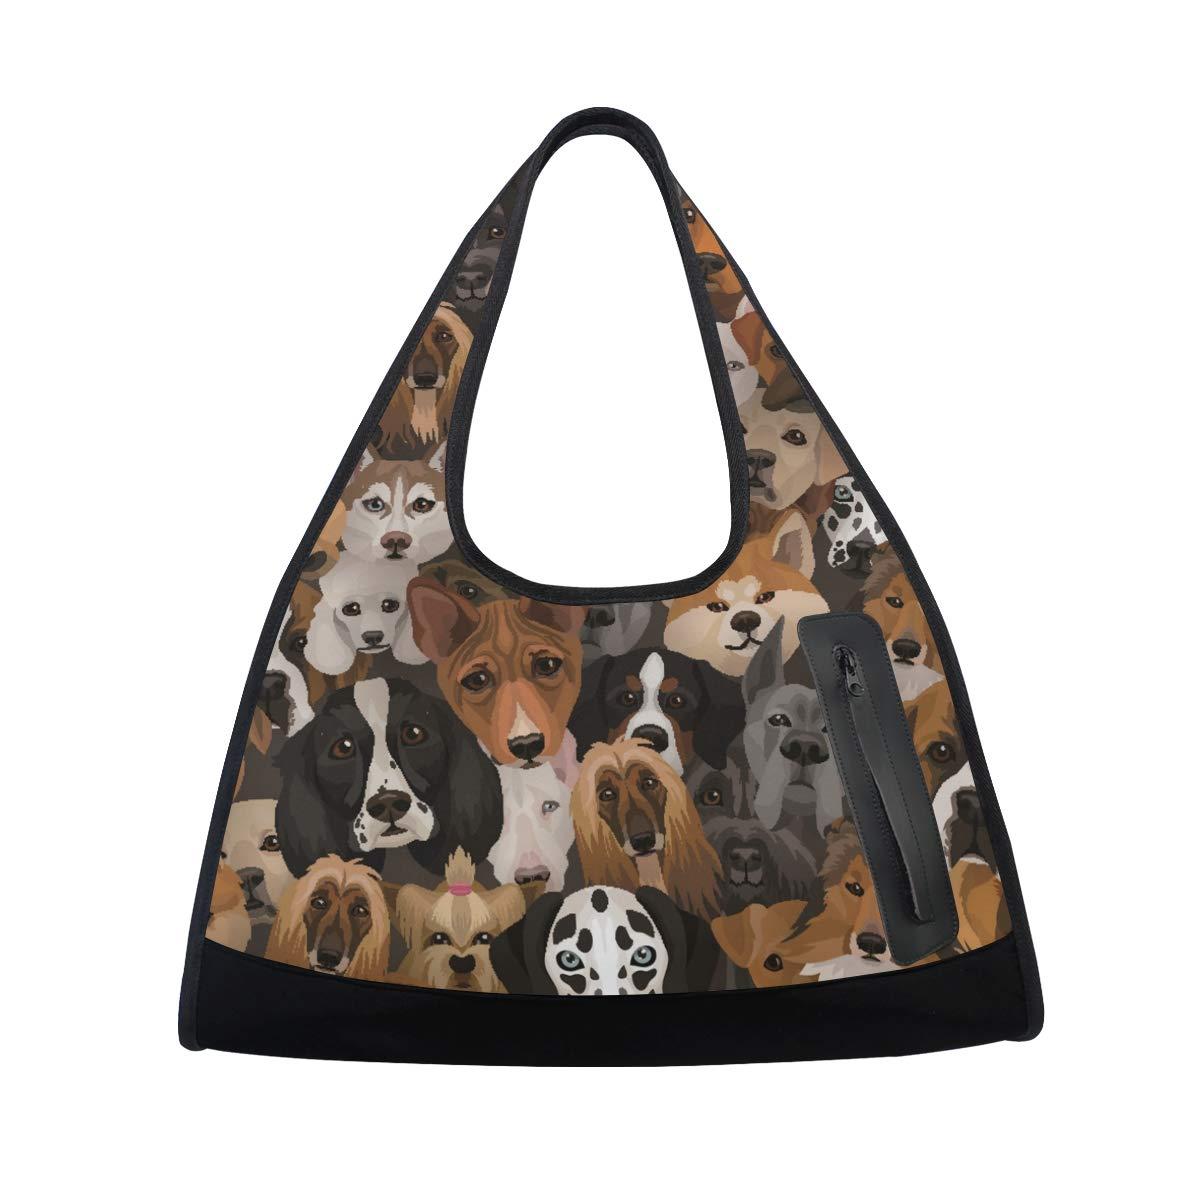 Unisex Travel Duffels Gym Bag Husky Dog Bulldog Canvas Weekender Bag Shoulder Bag Totes bags